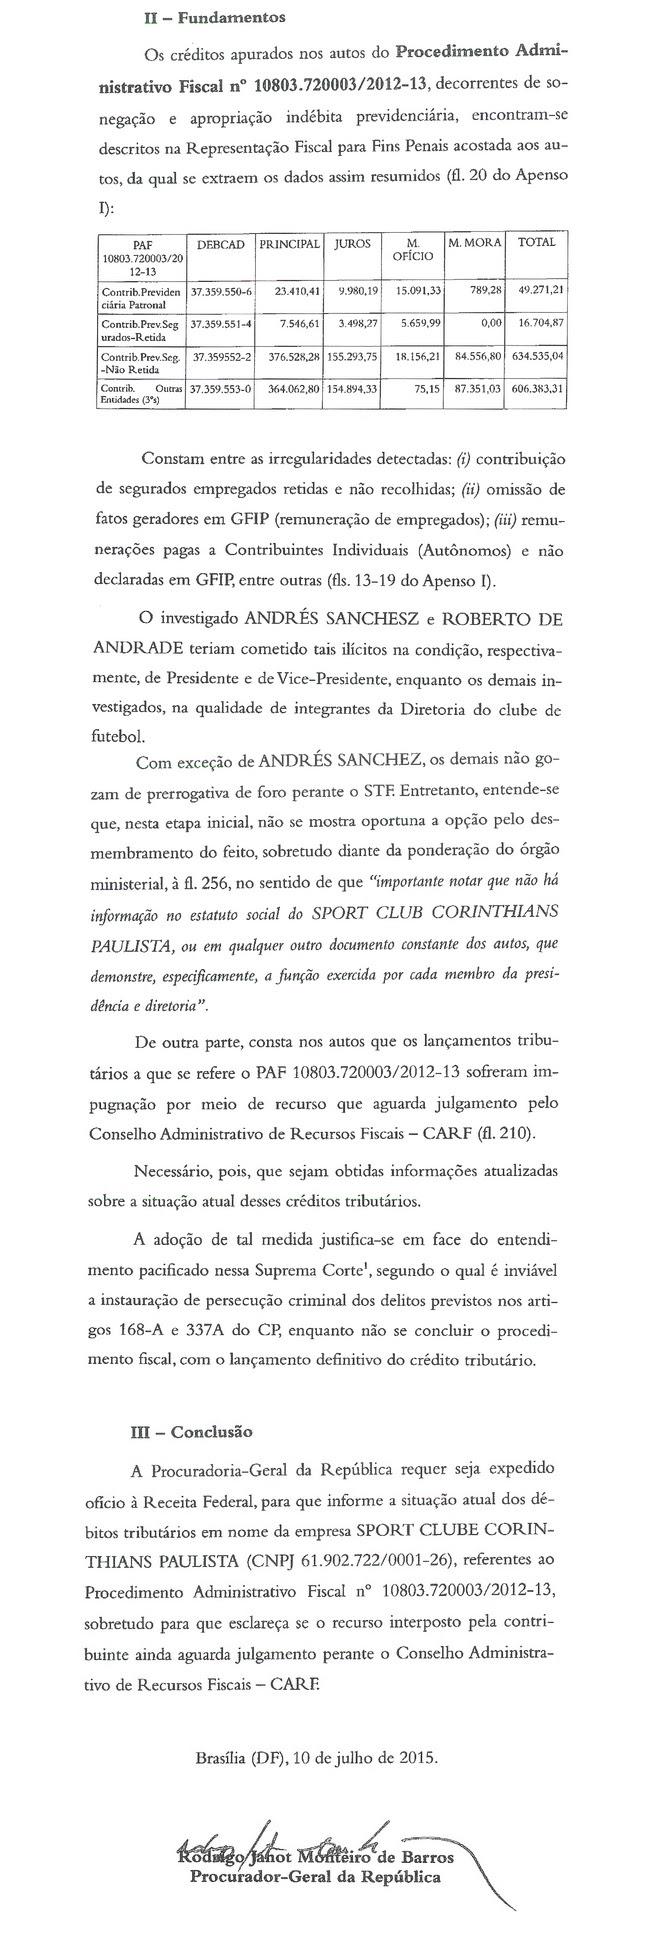 MP quer ajuda da Receita com relação de dívidas atuais do Corinthians